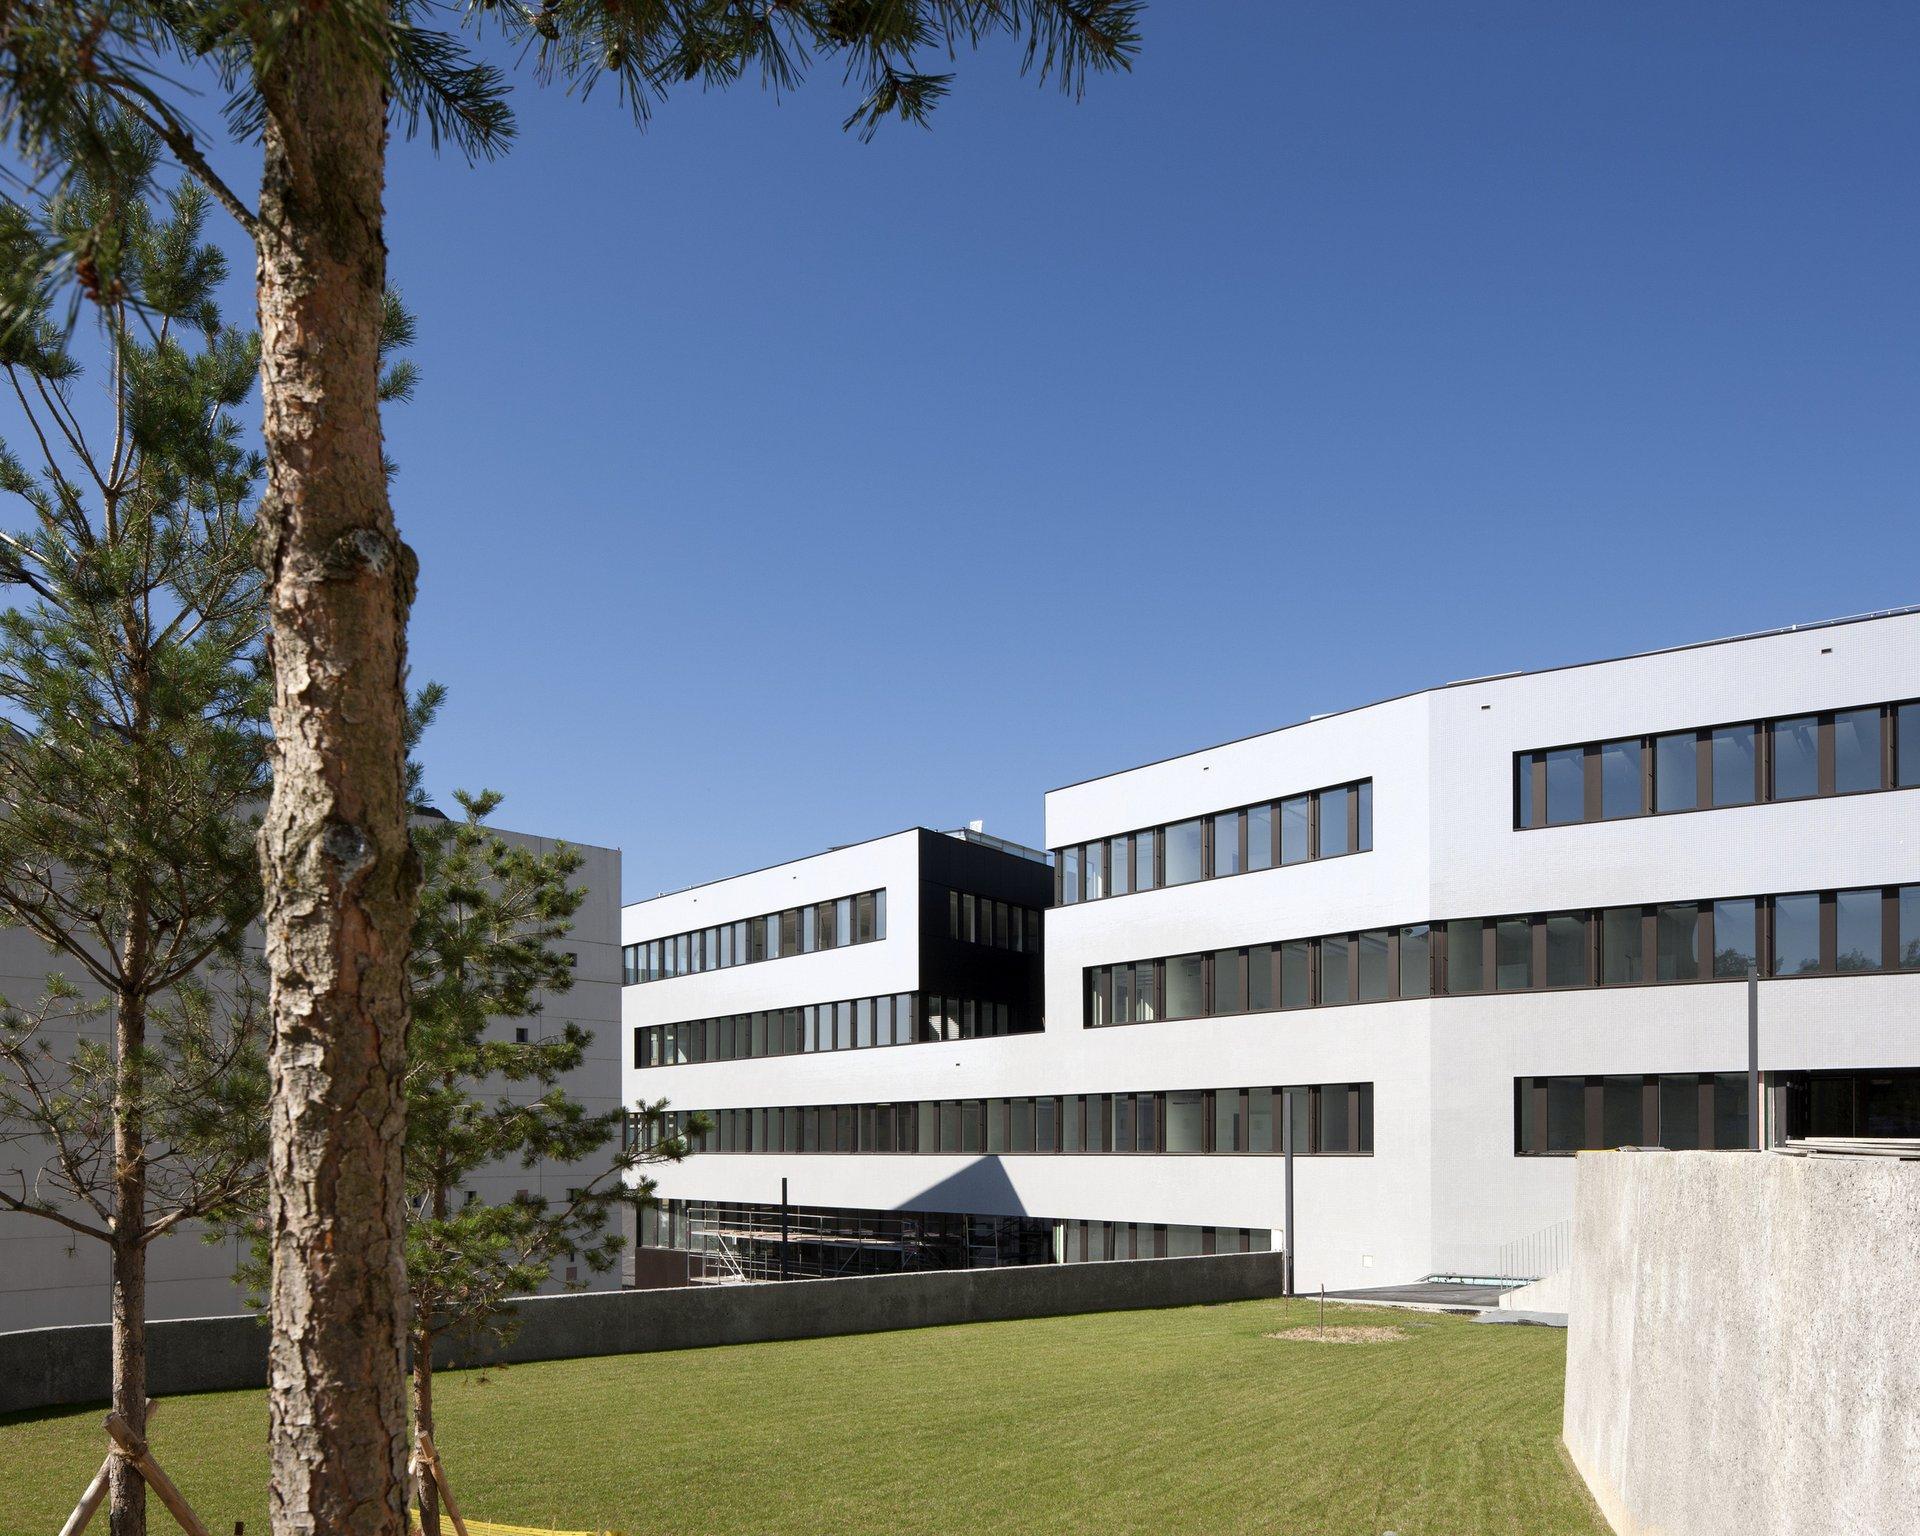 Mehrstöckiges Entwicklungsgebäude mit grosszügiger Fensterfassade